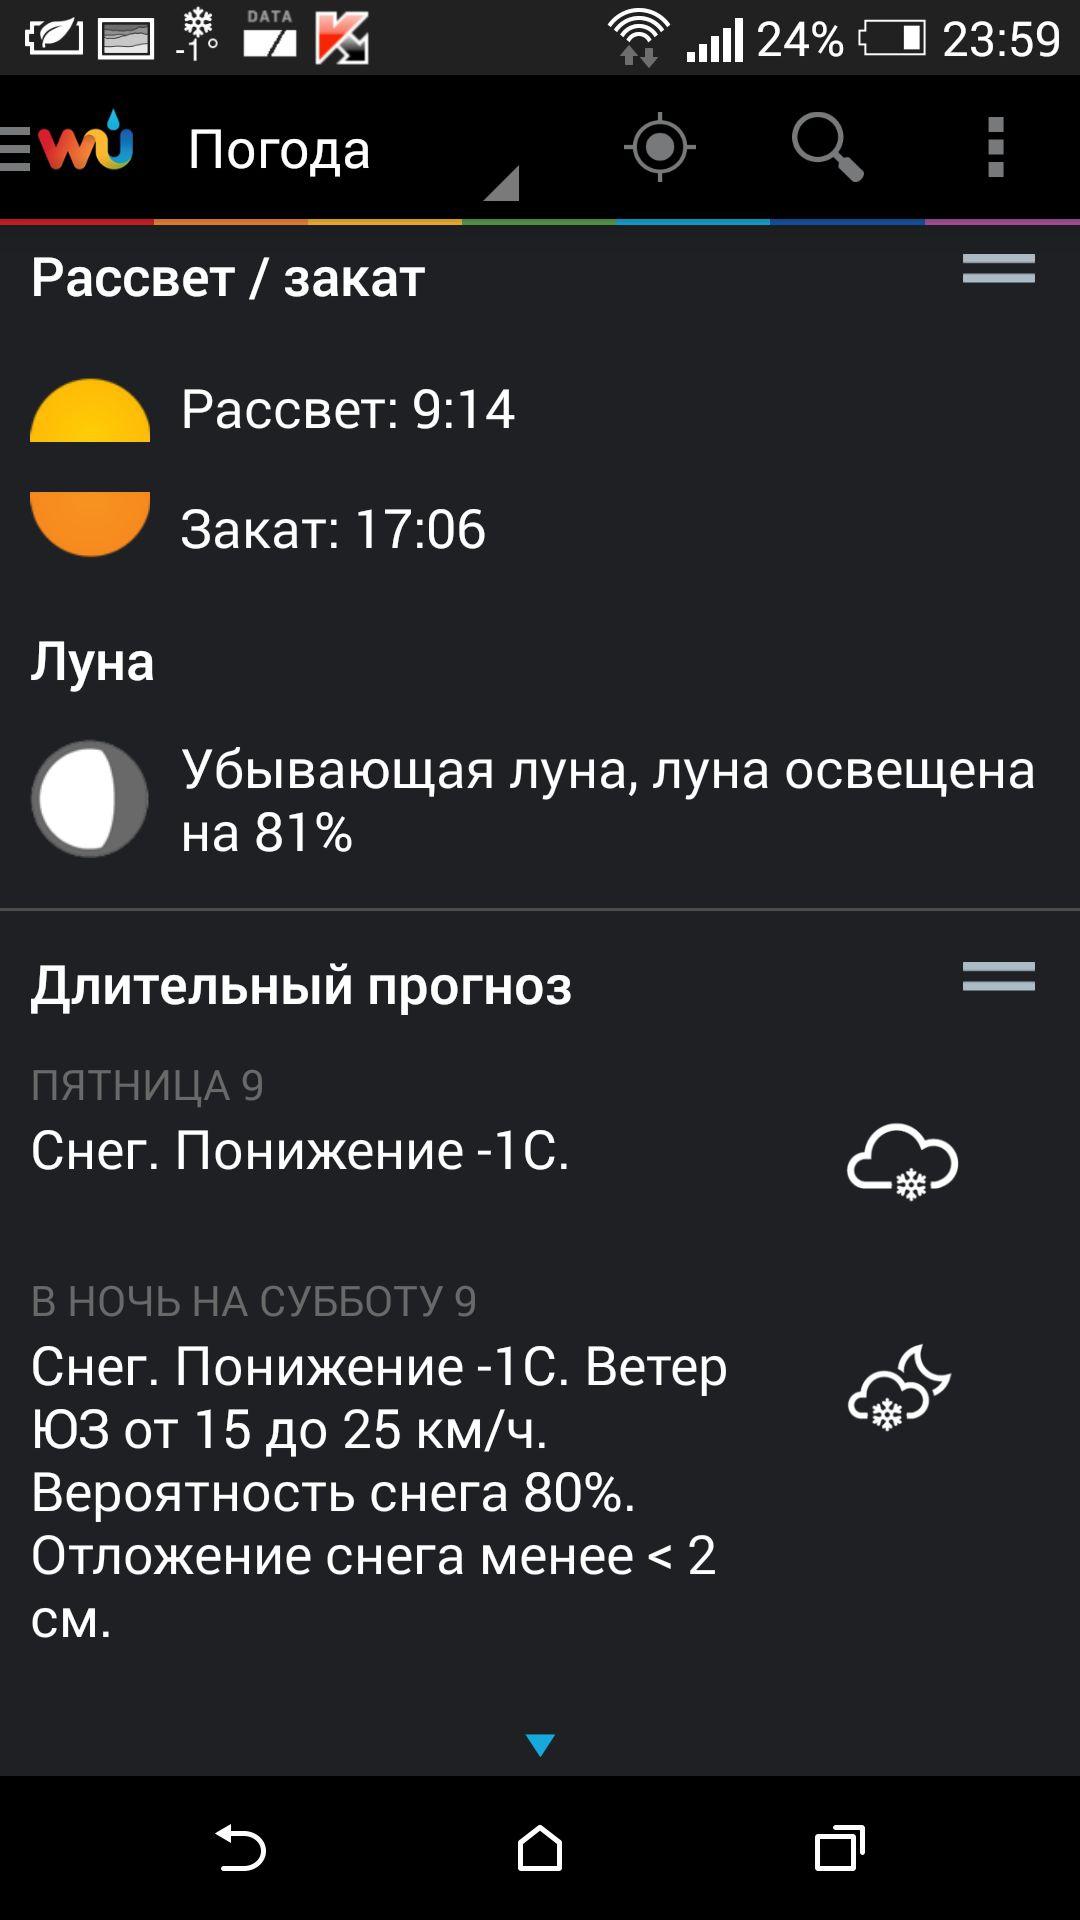 Скачать Программу Прогноз Погоды Для Андроид 4.0